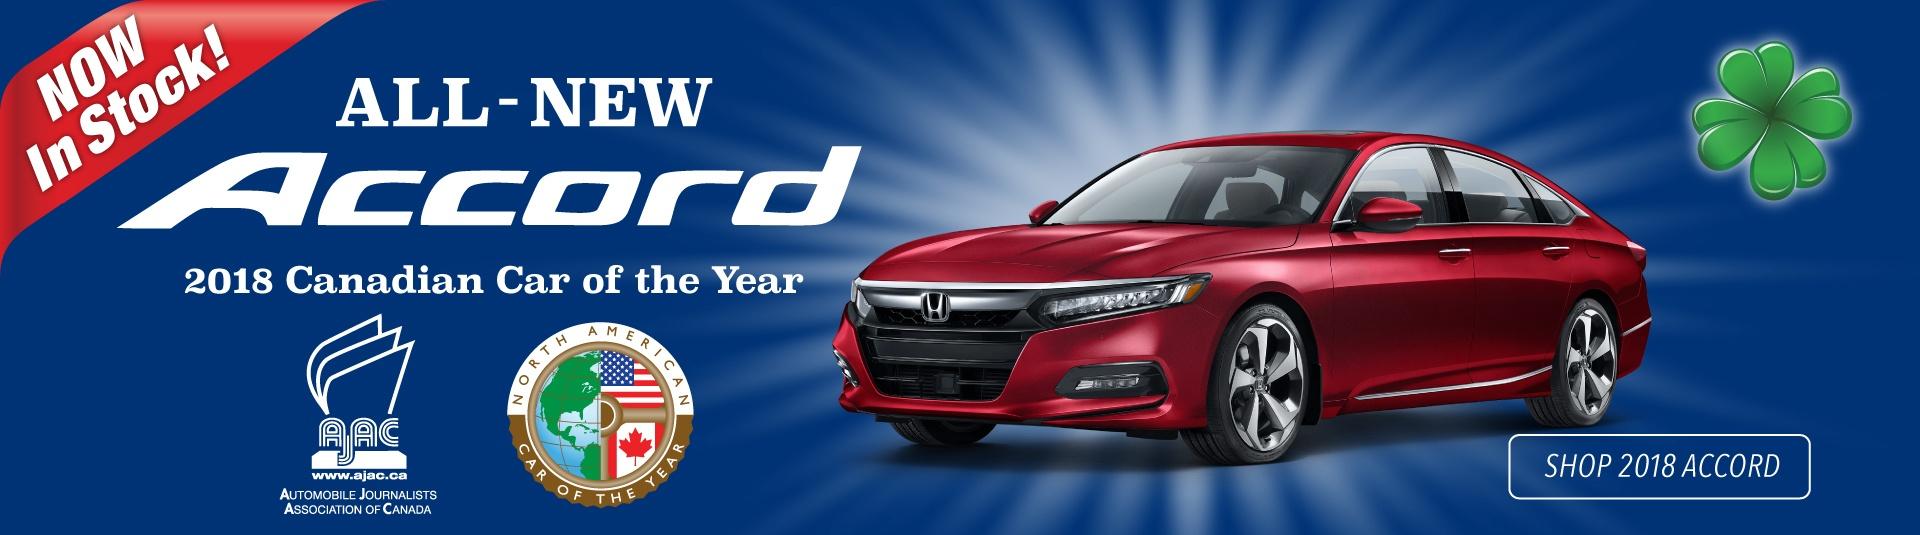 2018 Honda Accord Car of the Year